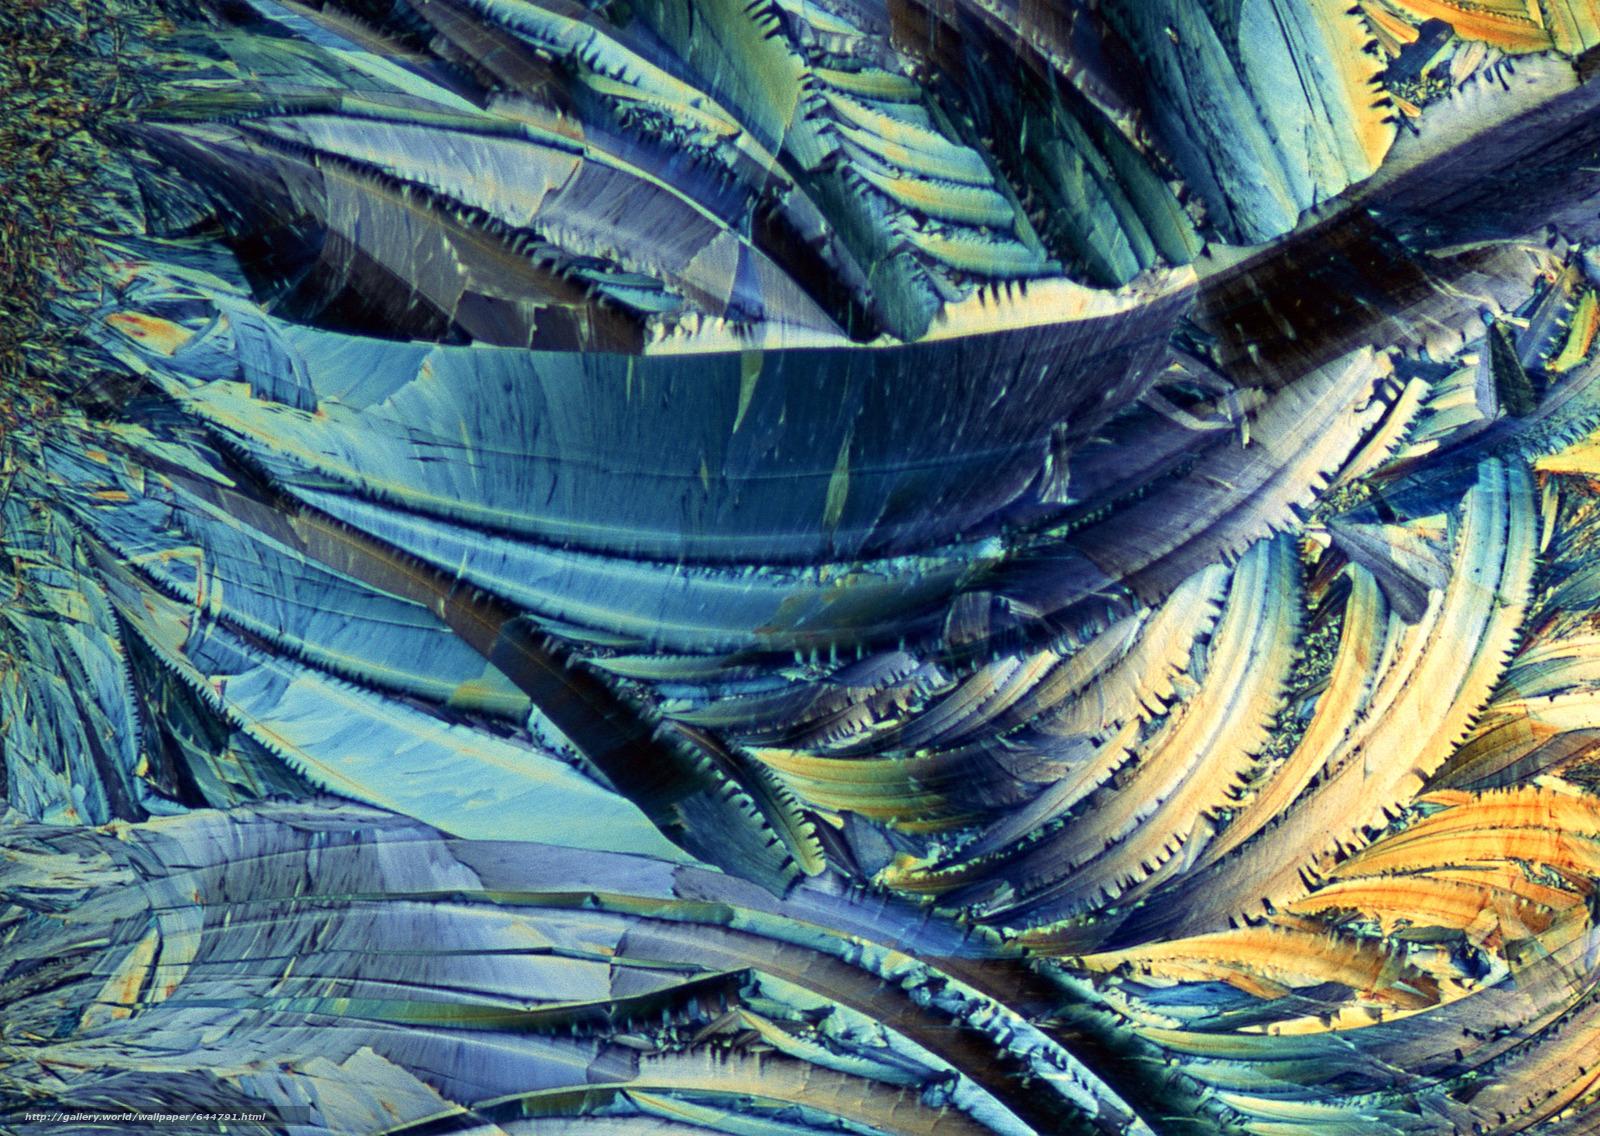 Скачать обои кристаллы под микроскопом,  кристалл,  микроскоп,  увеличение бесплатно для рабочего стола в разрешении 2950x2094 — картинка №644791